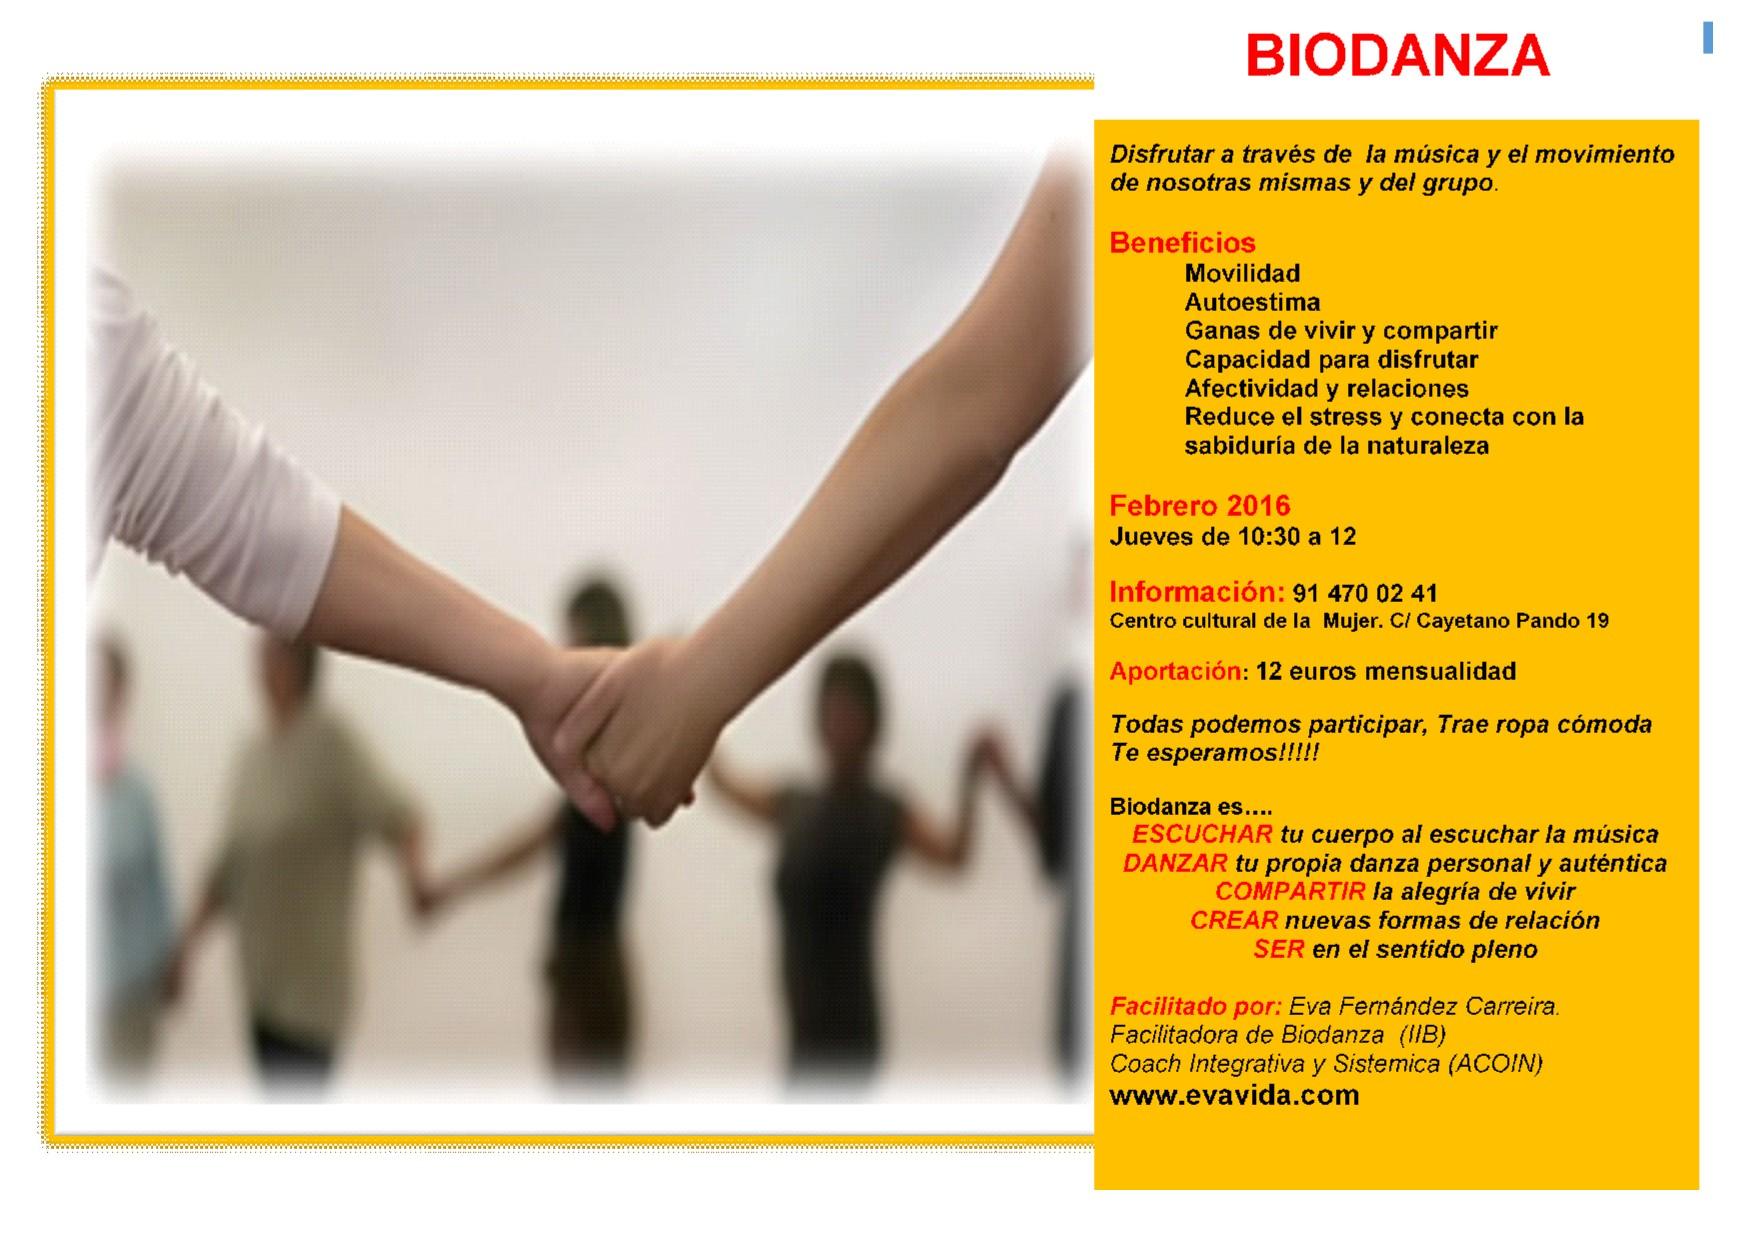 biodanza en Madrid